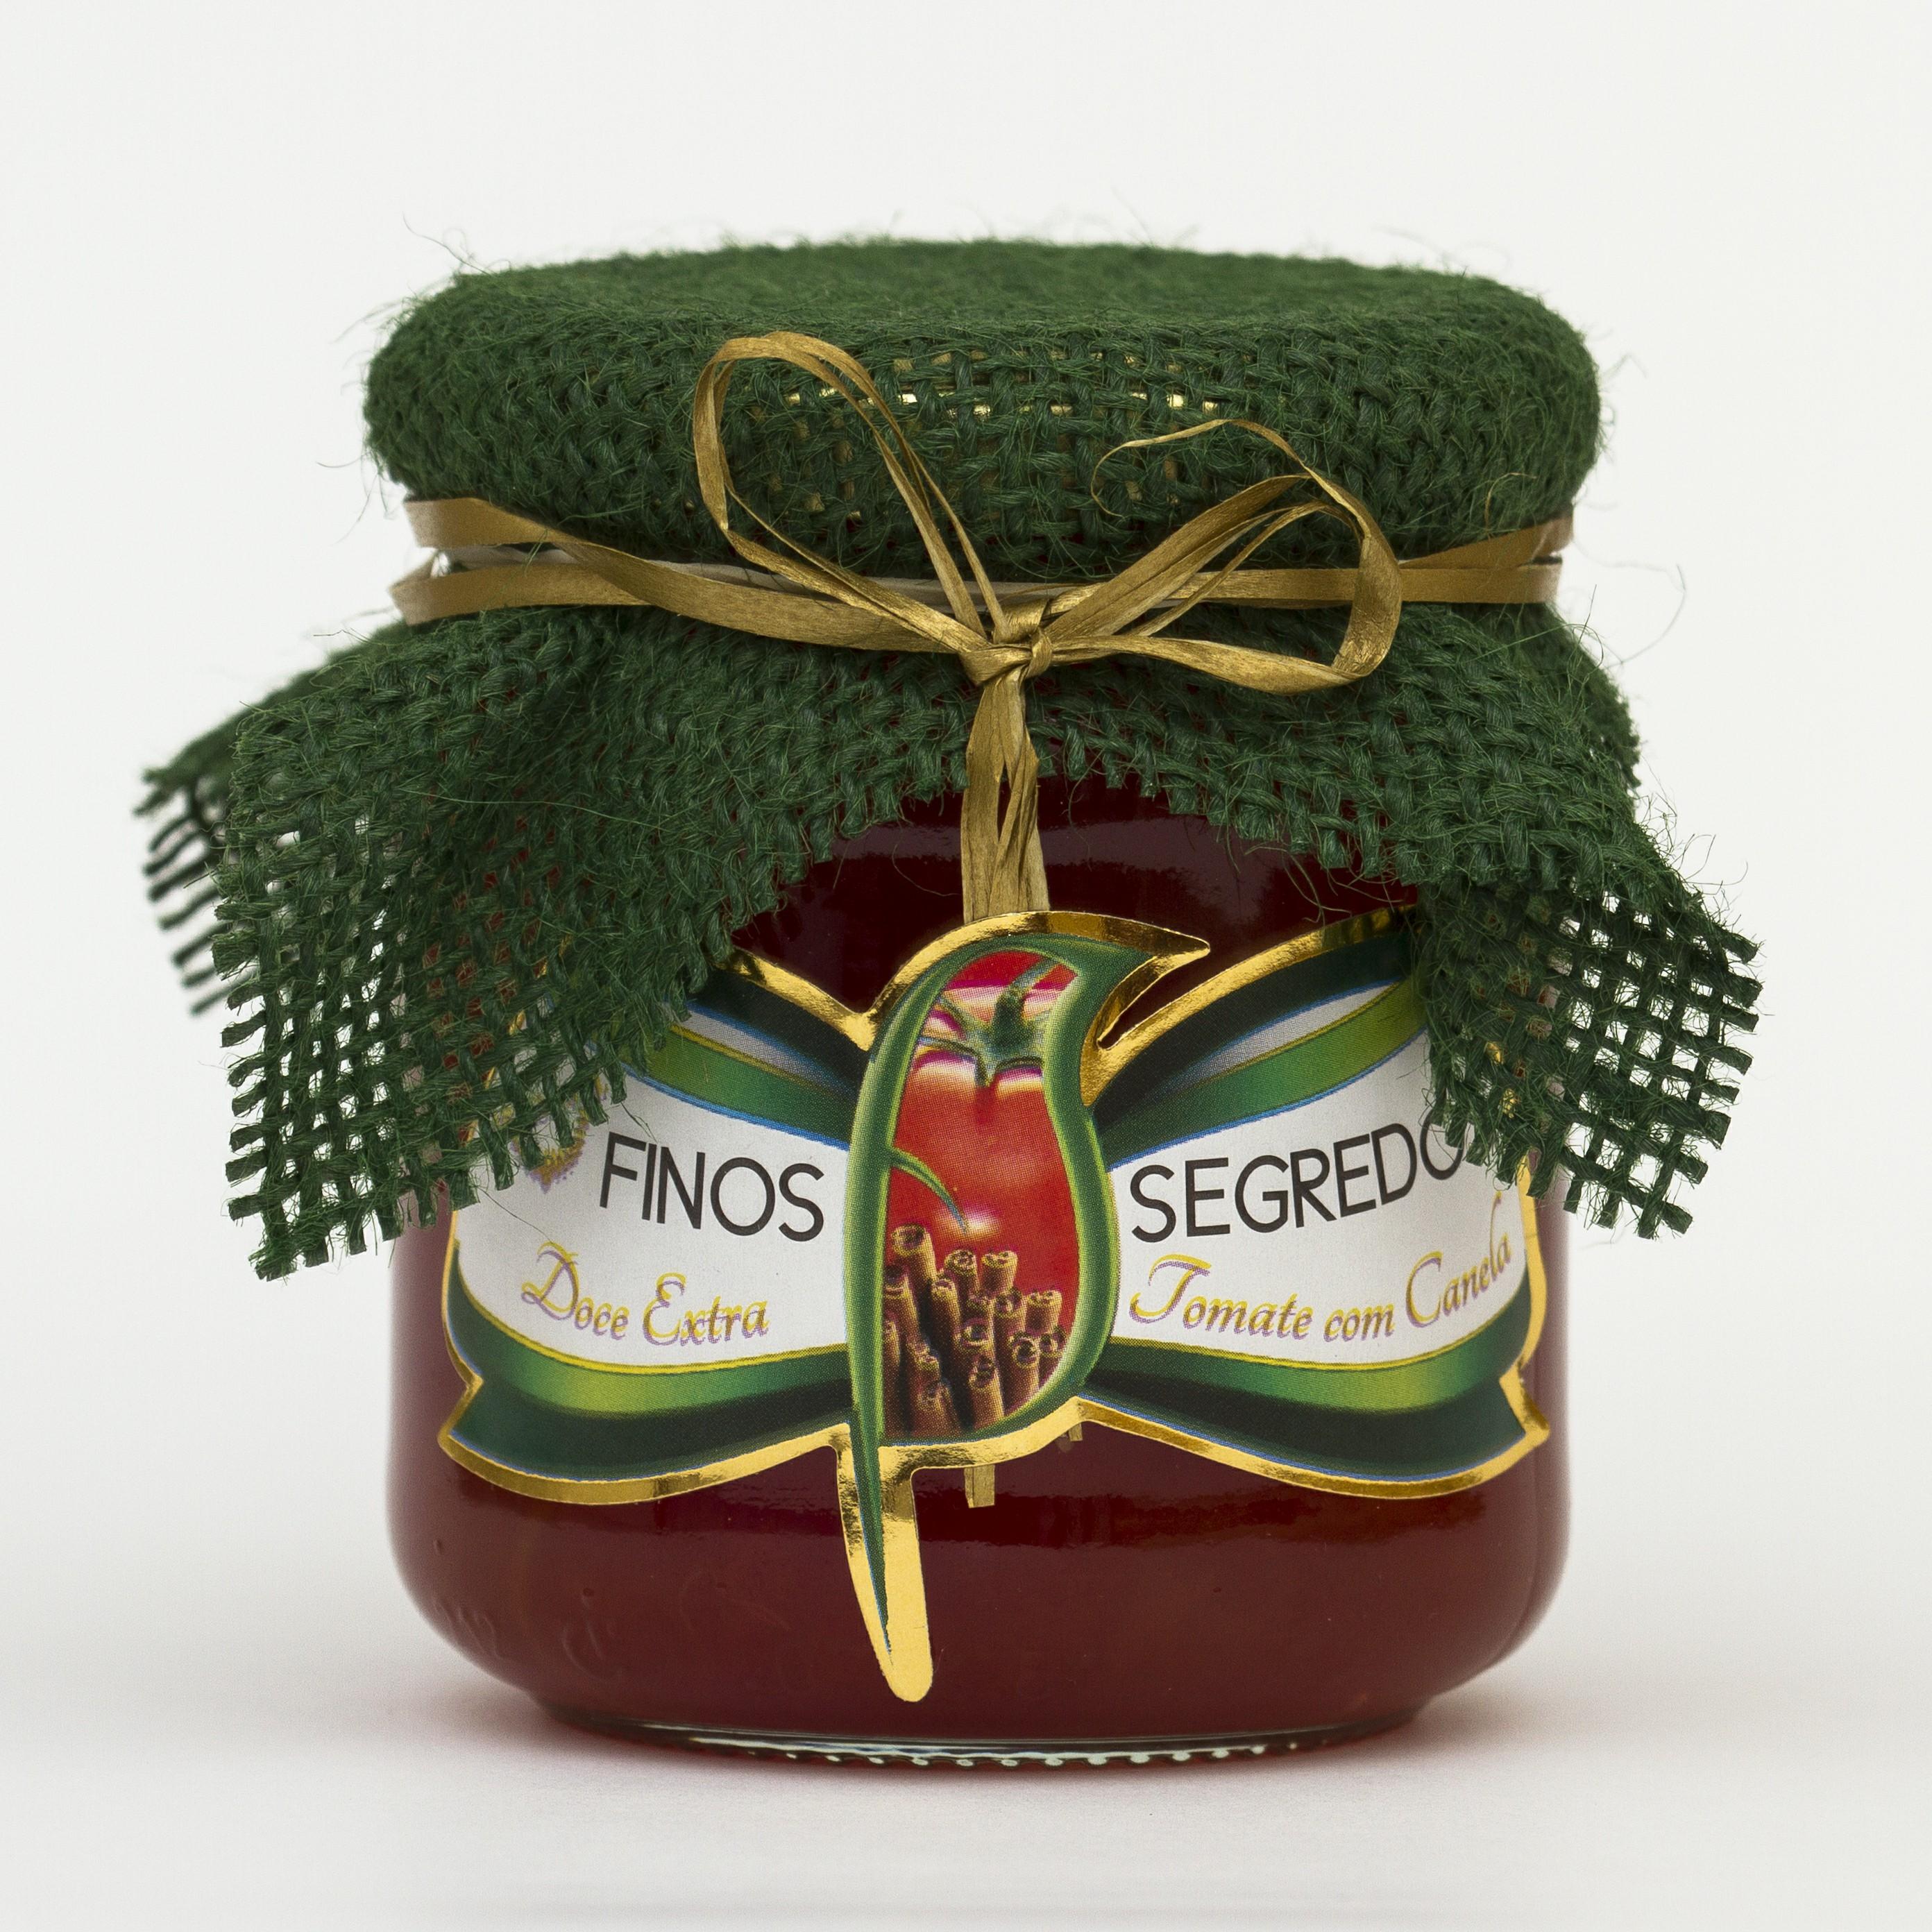 Doce Extra de Tomate com Canela